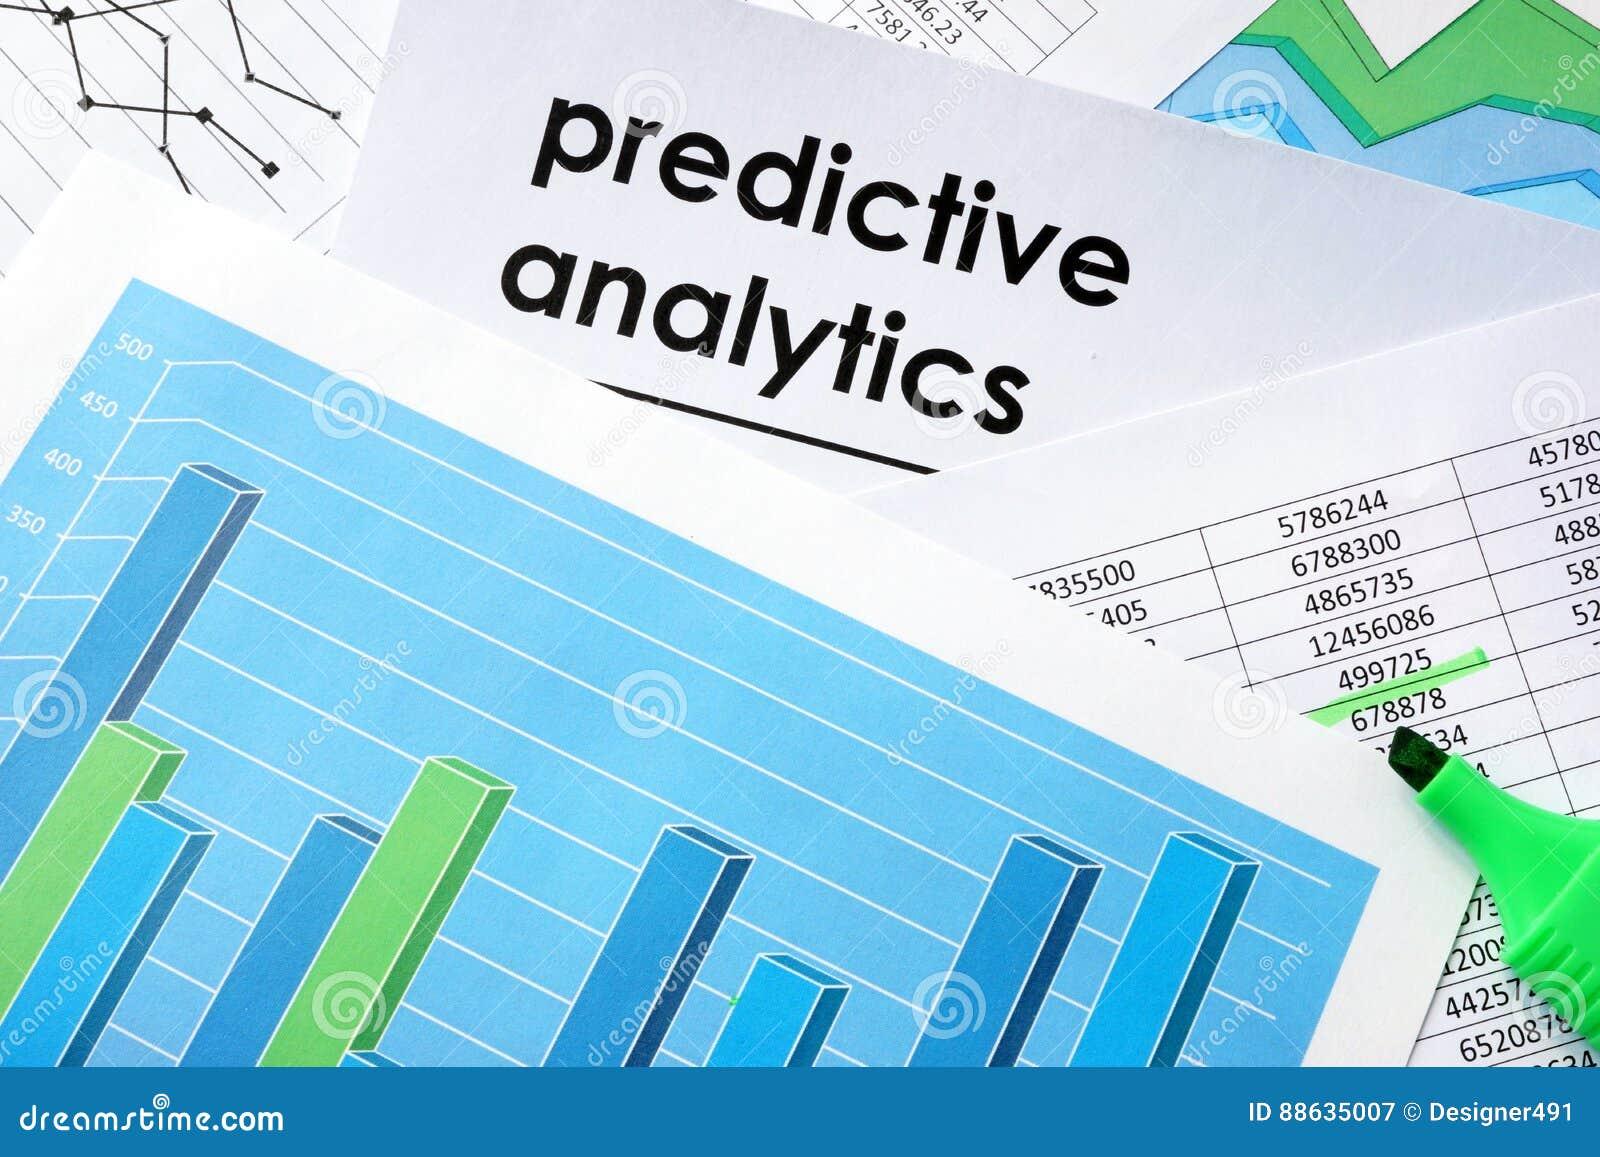 Predictive analytics written in a document.